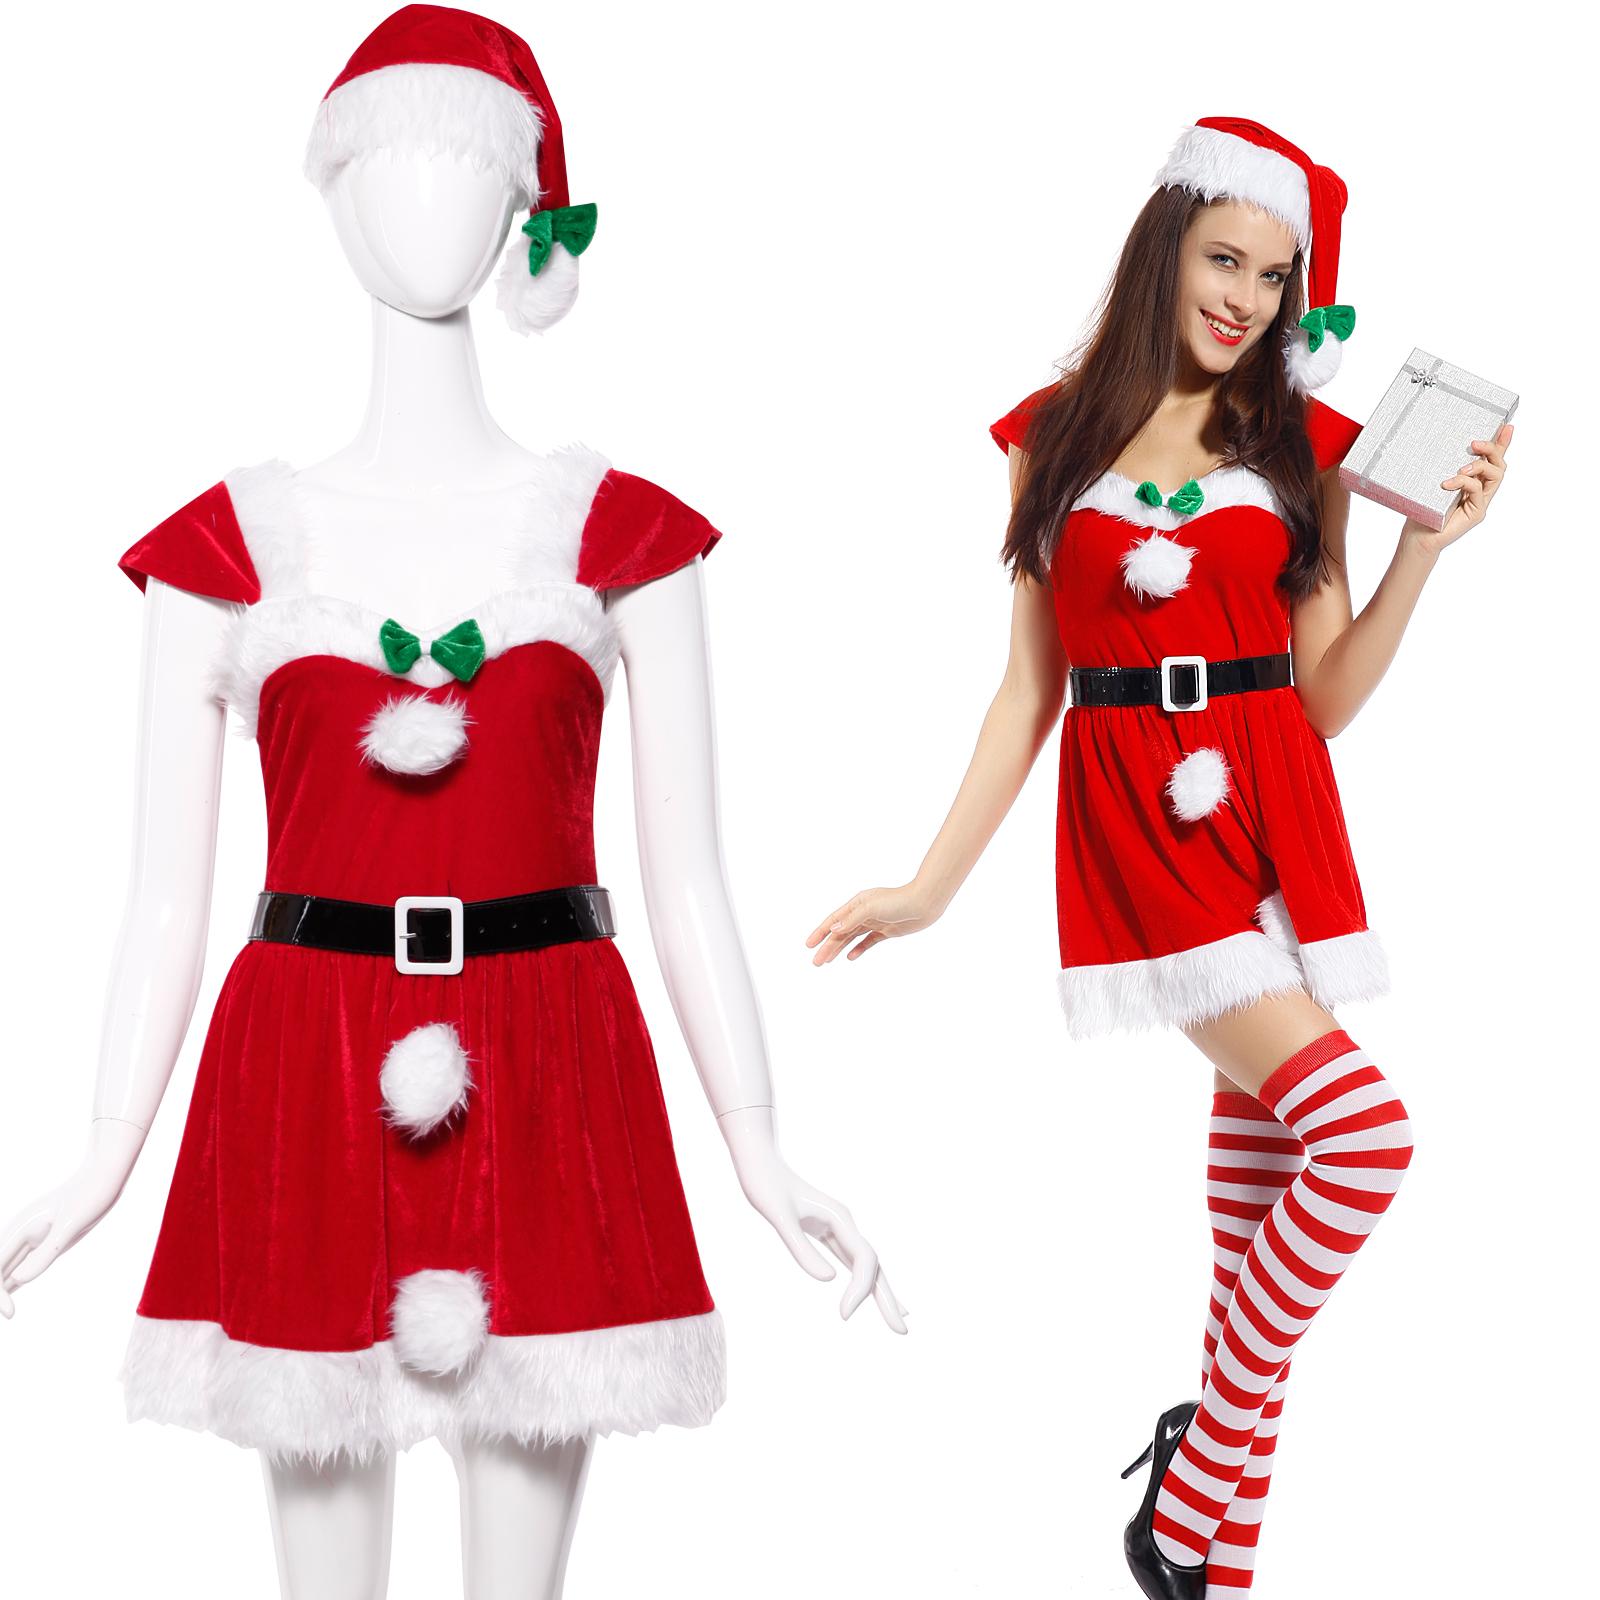 Weihnachtskostüm Weihnachtsmann Elf Santa Nikolaus Weihnachten ...